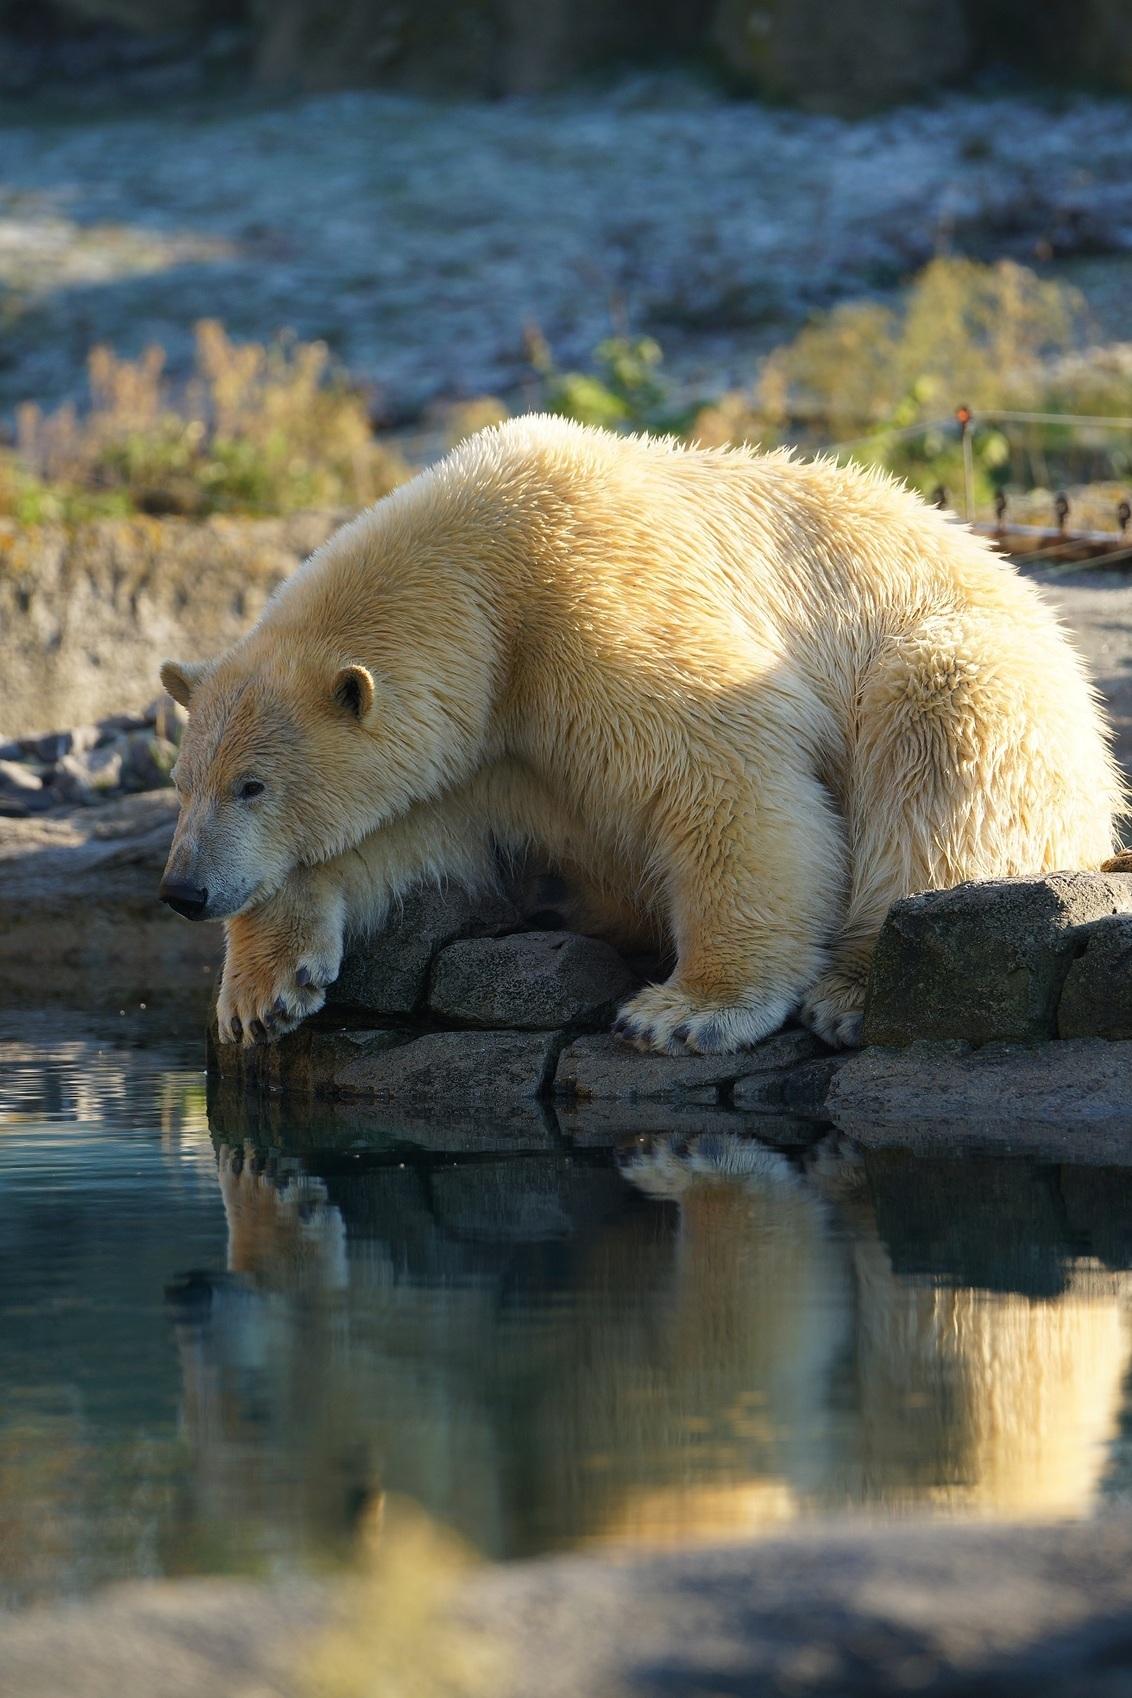 IJsbeer aan de waterkant. - IJsbeer bij de waterkant in Diergaarde Blijdorp,Rottedam - foto door h.c.c.verhoef op 28-01-2017 - deze foto bevat: water, rotterdam, dierentuin, dieren, ijsbeer, blijdorp, diergaarde blijdorp